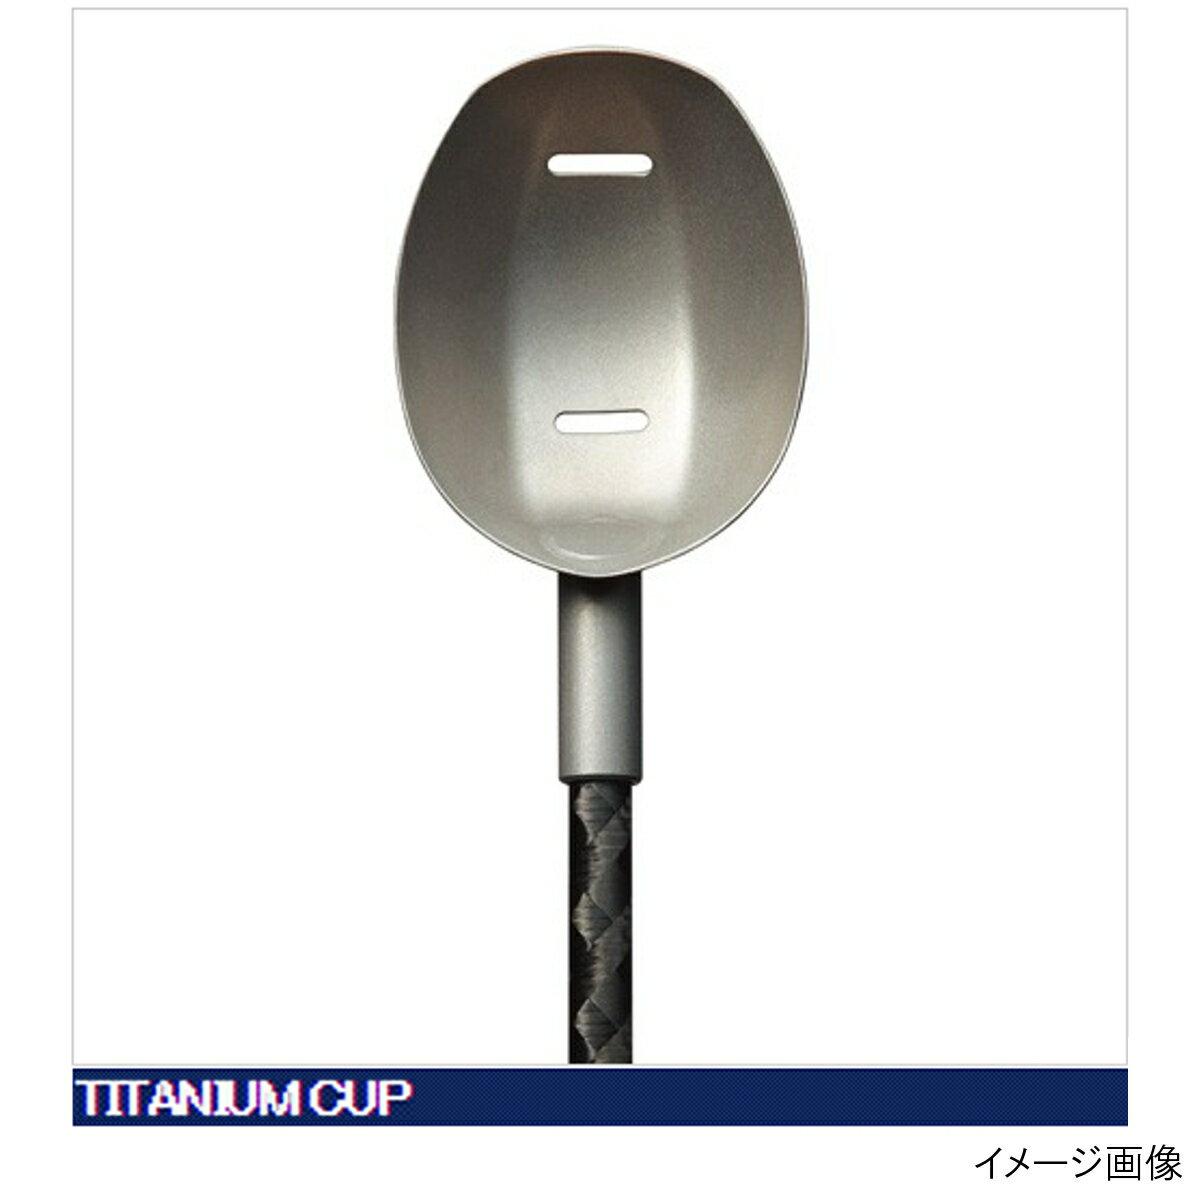 シマノ ファイアブラッド チタン遠投ヒシャク SY-113P M(20cc) 80cm レッド(東日本店)